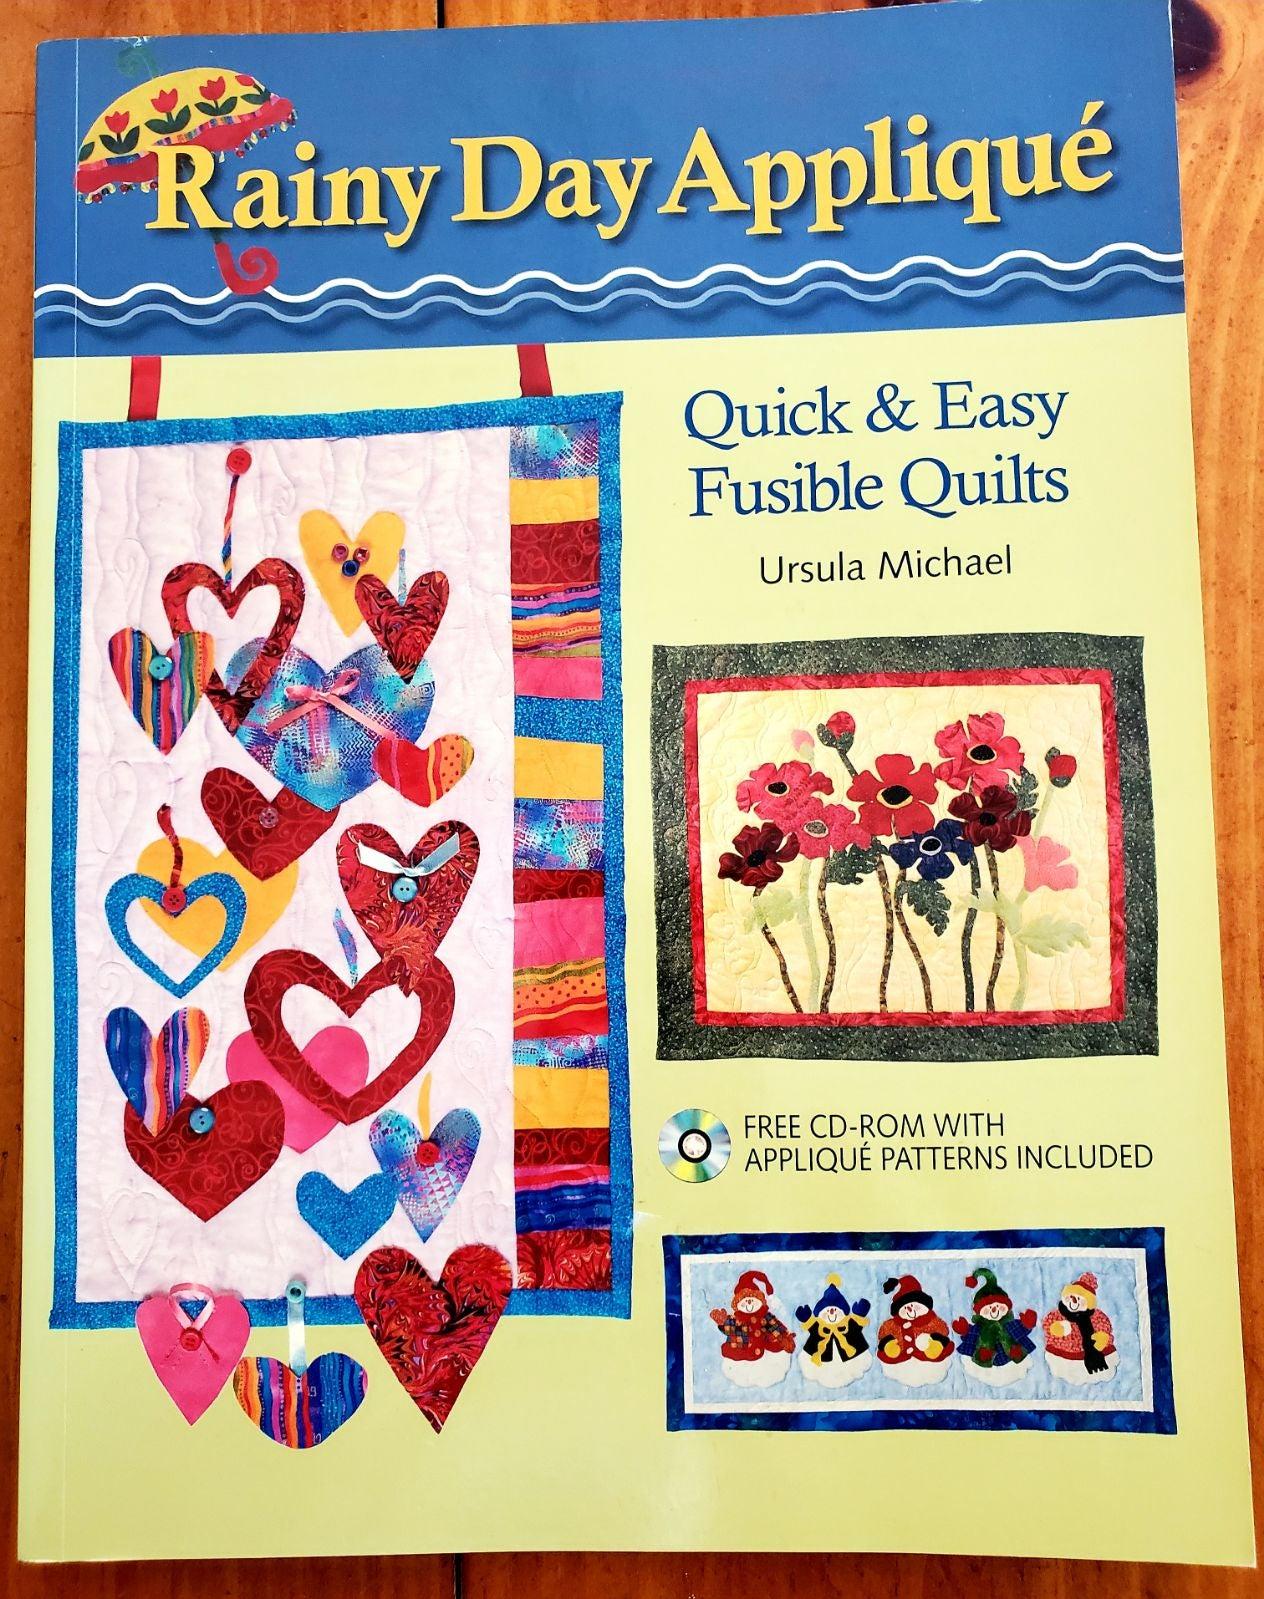 RainyDay Applique QuickEasy FusibleQuilt